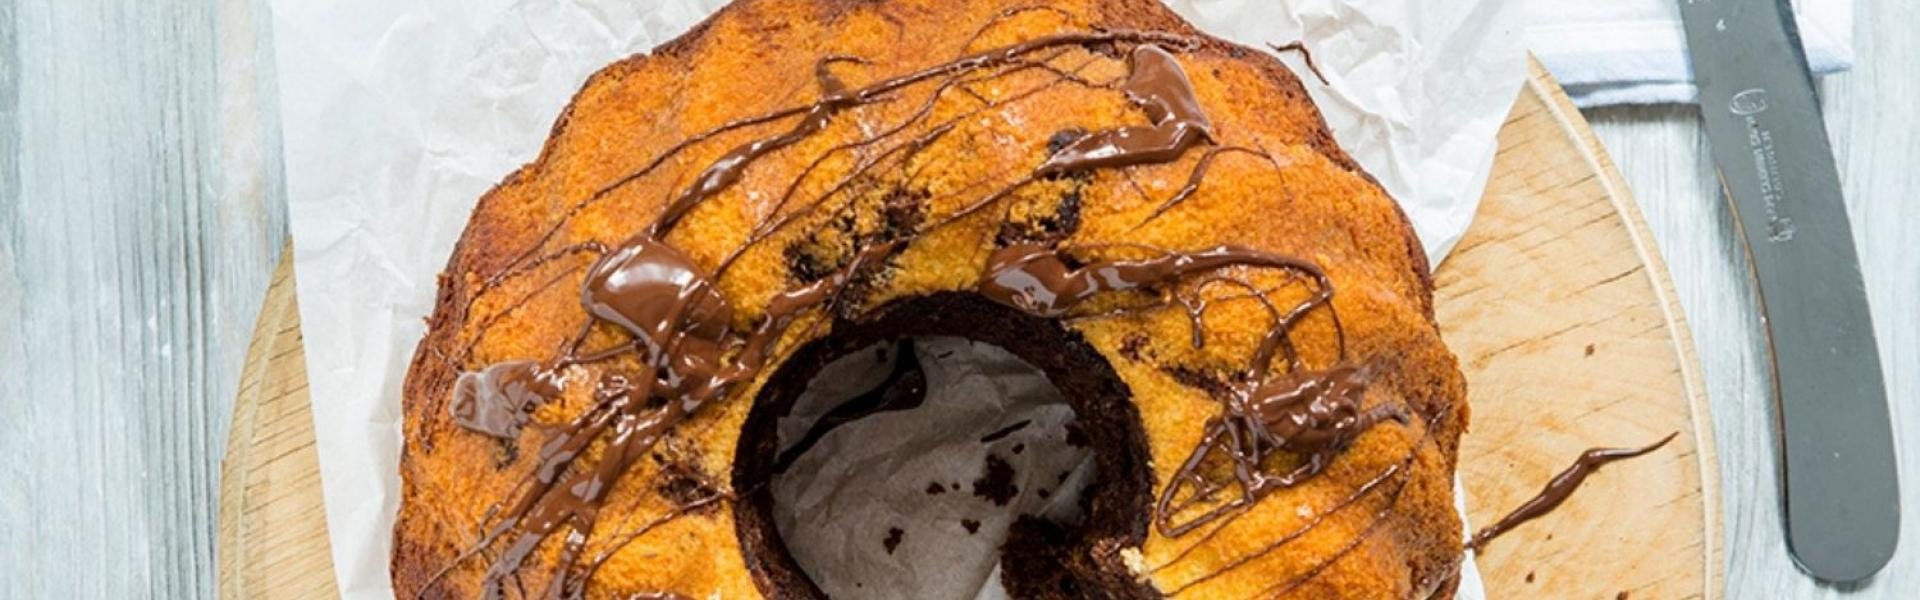 Marmorkuchen saftig und mit Schokoladenglasur steht angeschnitten auf einem Tisch.